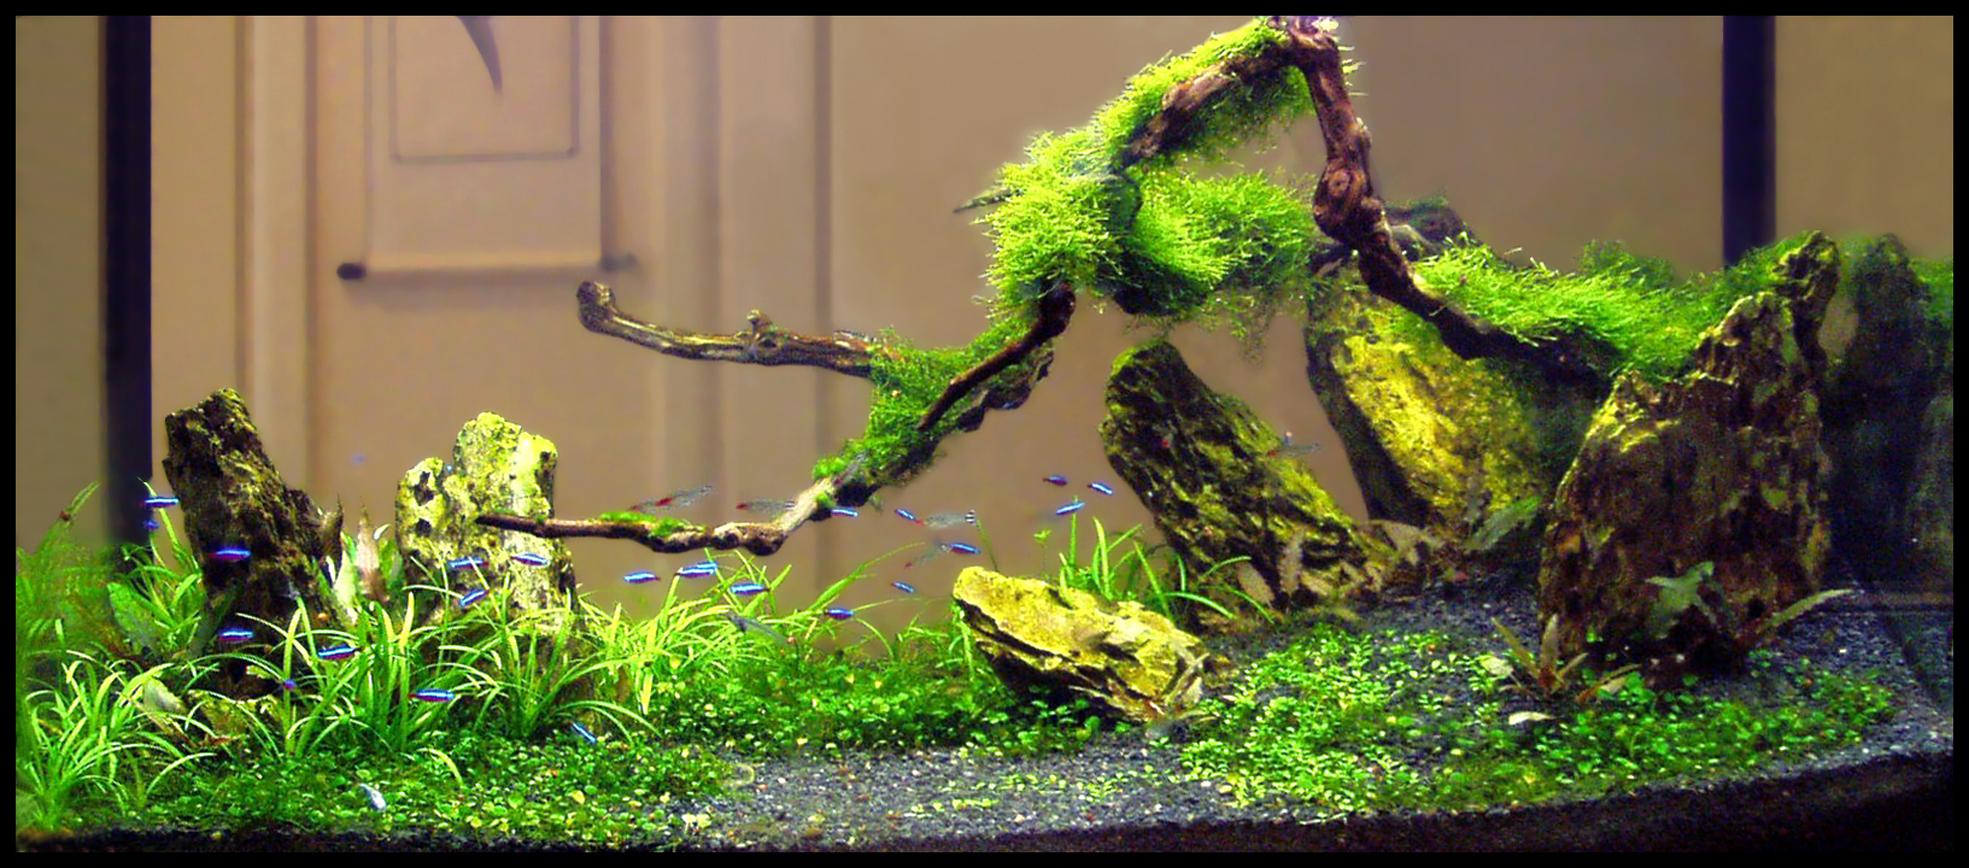 Пресноводное оформление с живыми растениями в аквариуме не просвет. Архив. 2007год.